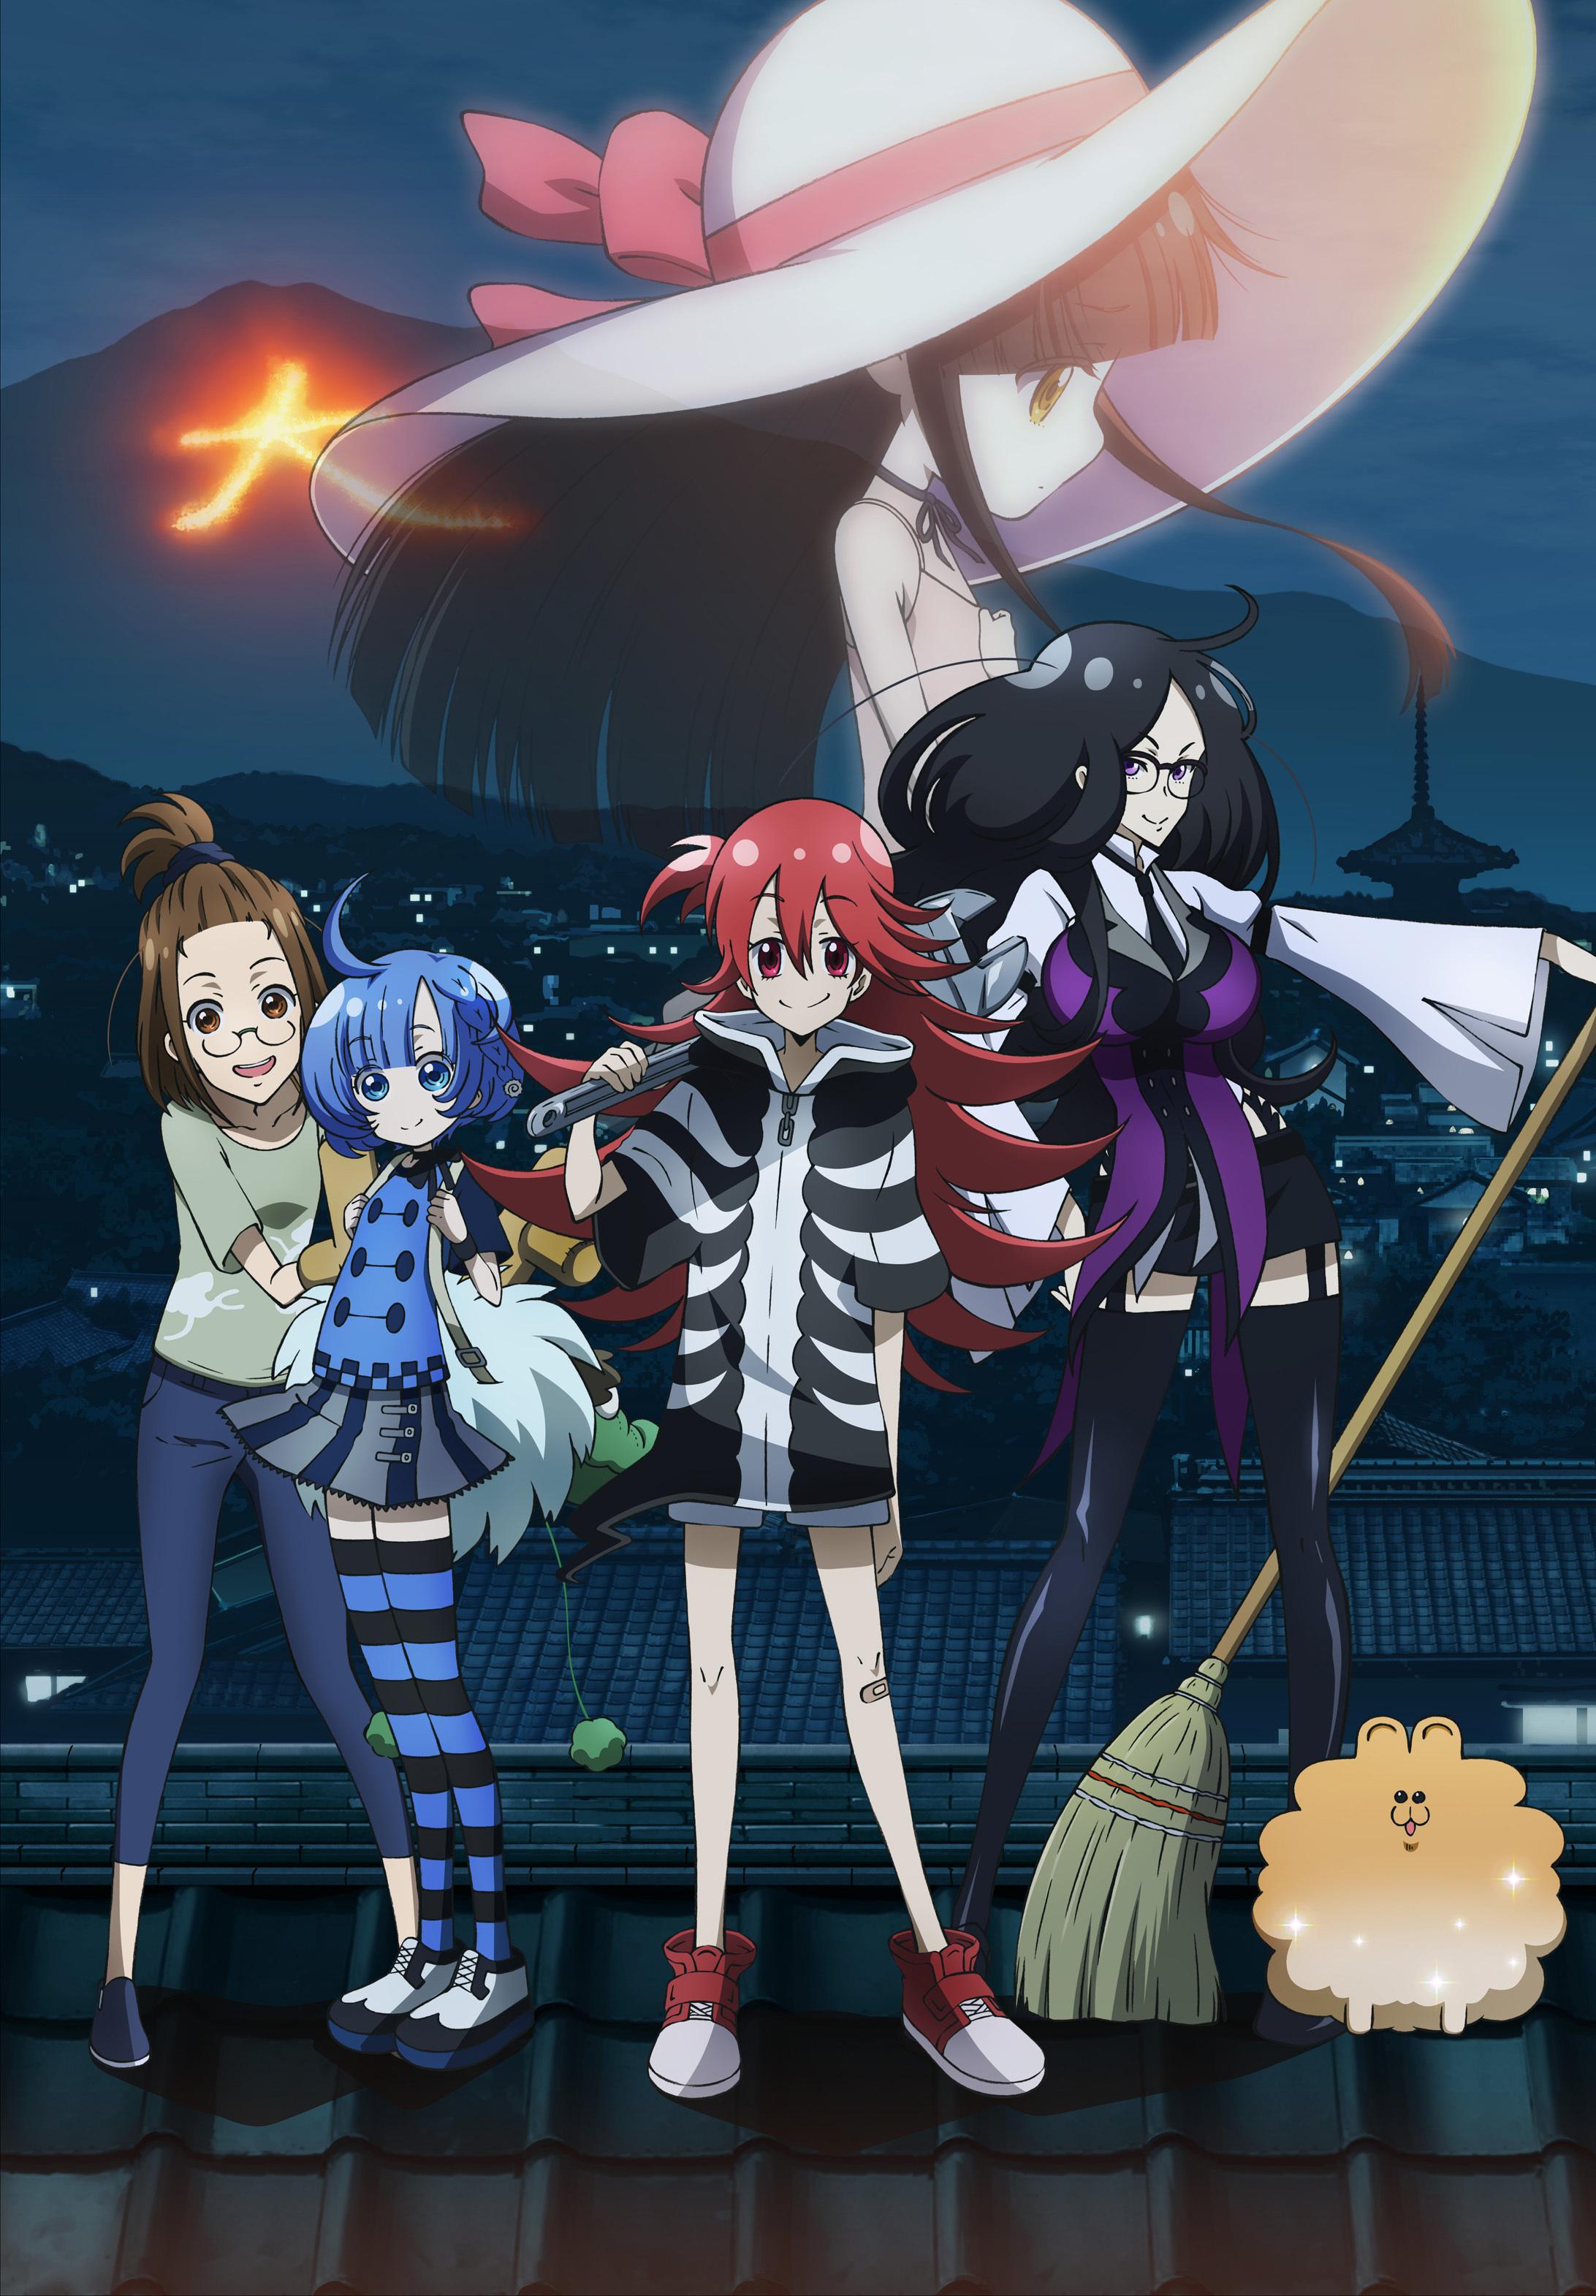 劇場オリジナルアニメ『LAIDBACKERS-レイドバッカーズ-』キービジュアル